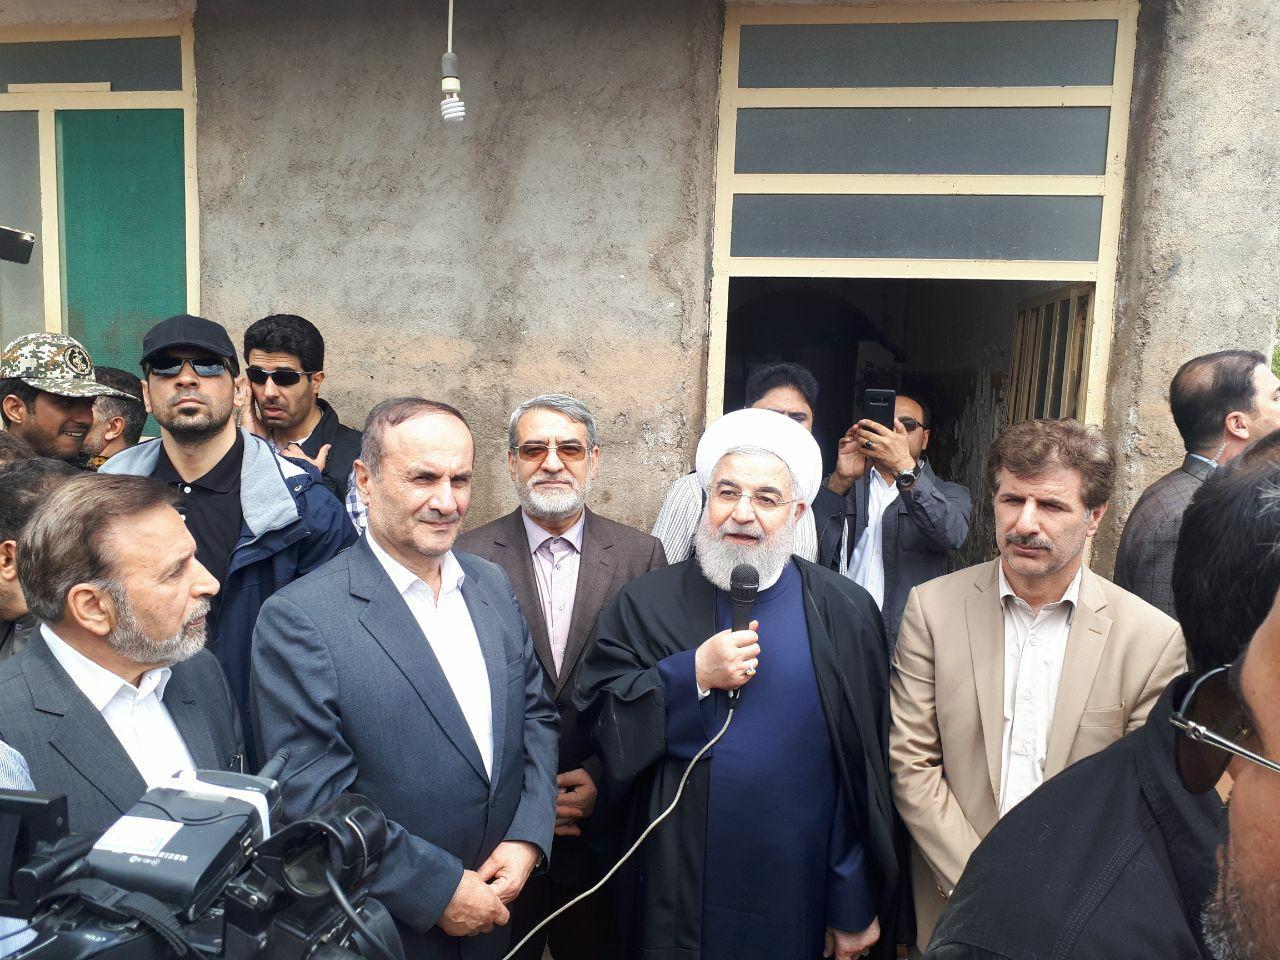 حضور حسن روحانی در بین مردم سیل زده ماژین :